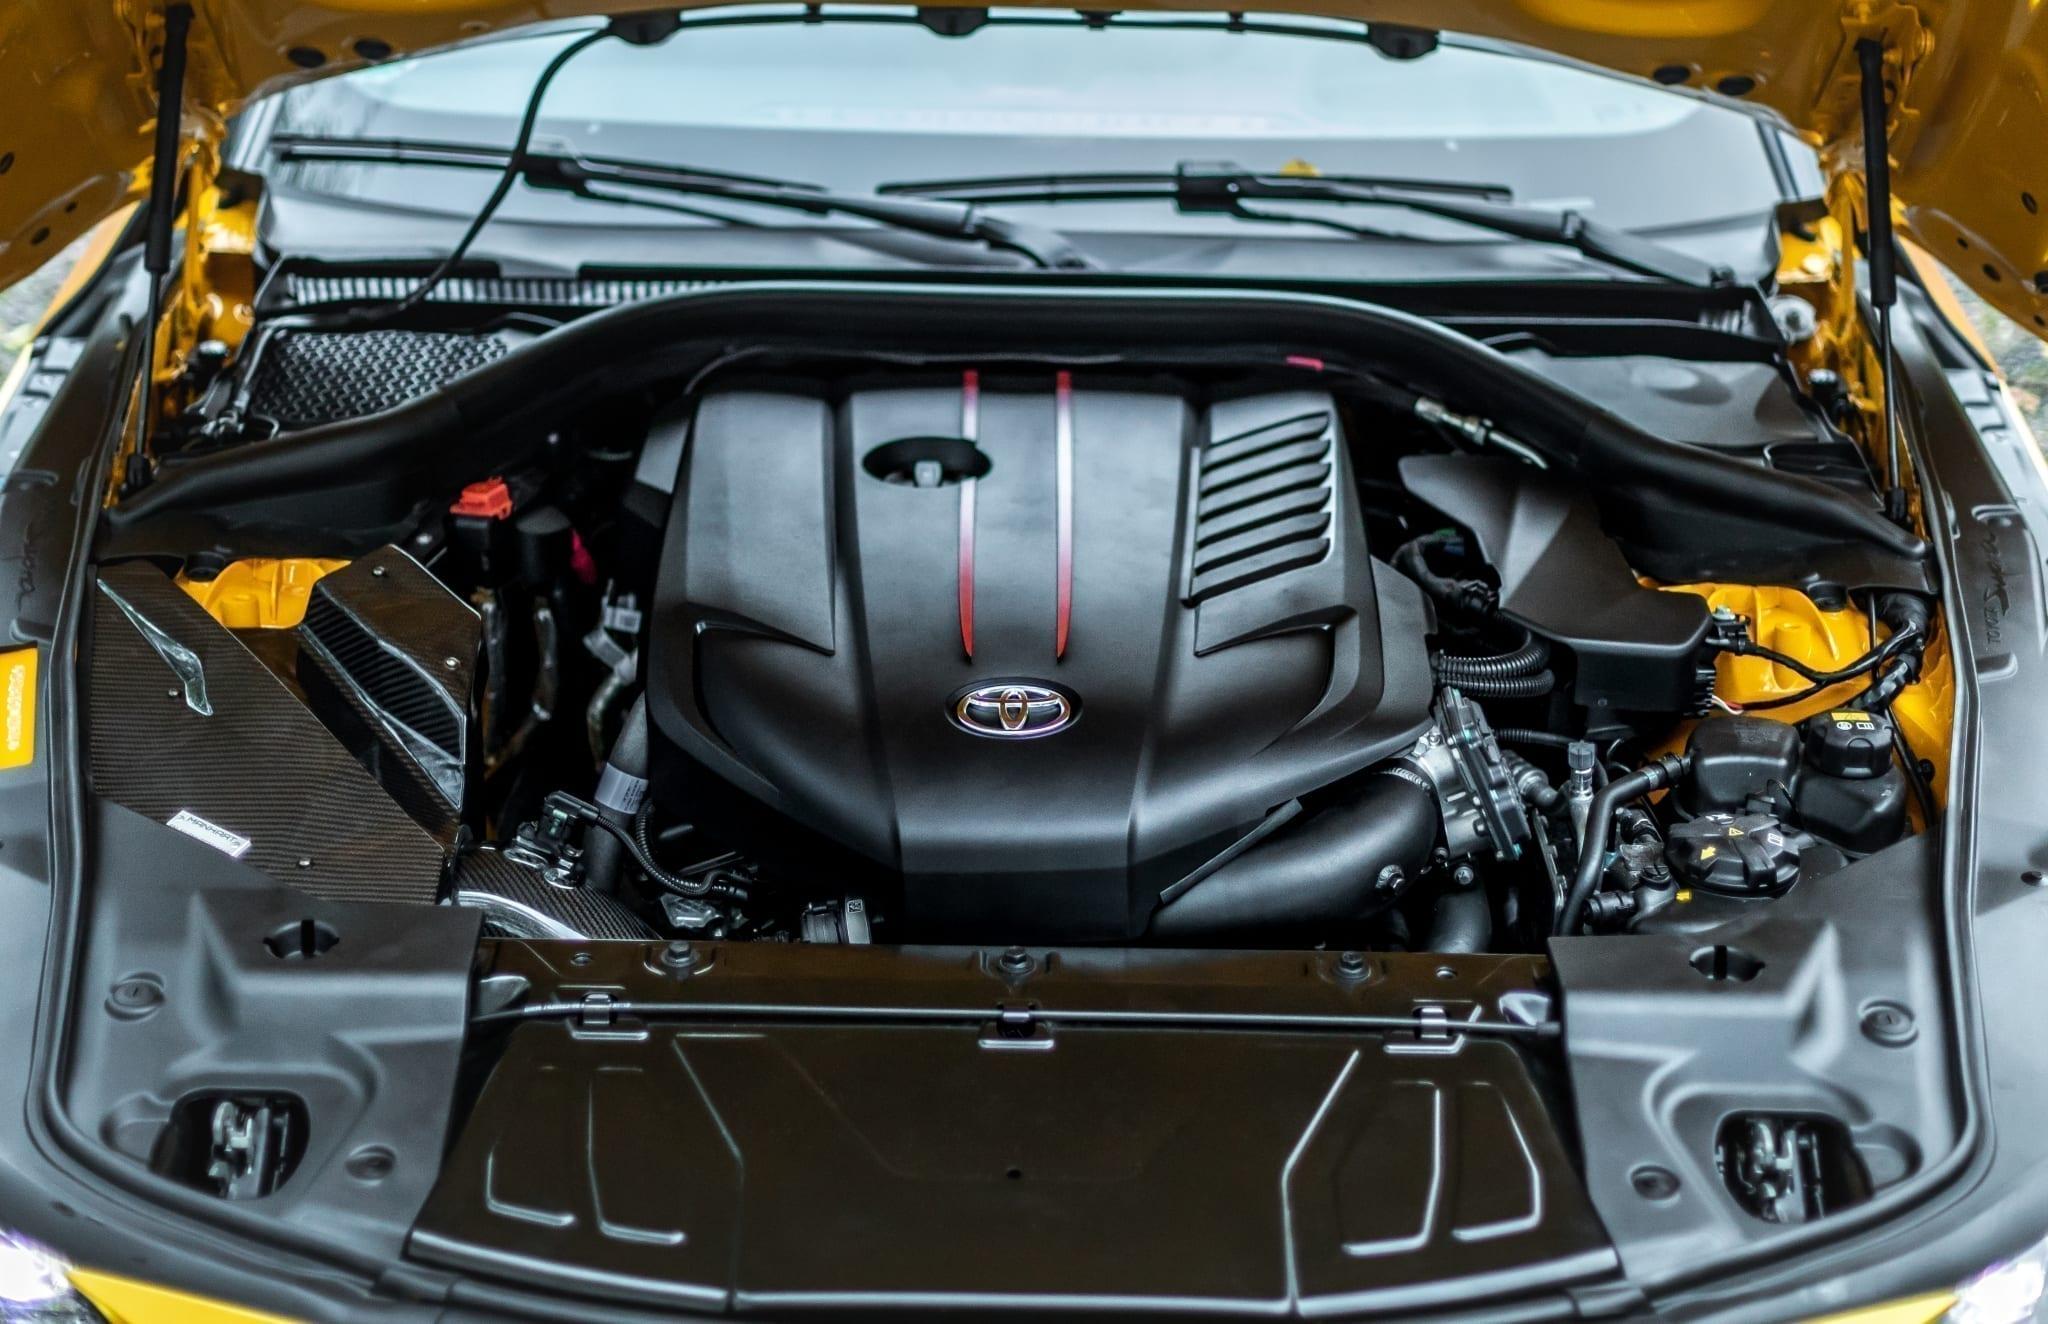 2020 MANHART Toyota-Supra GR 550